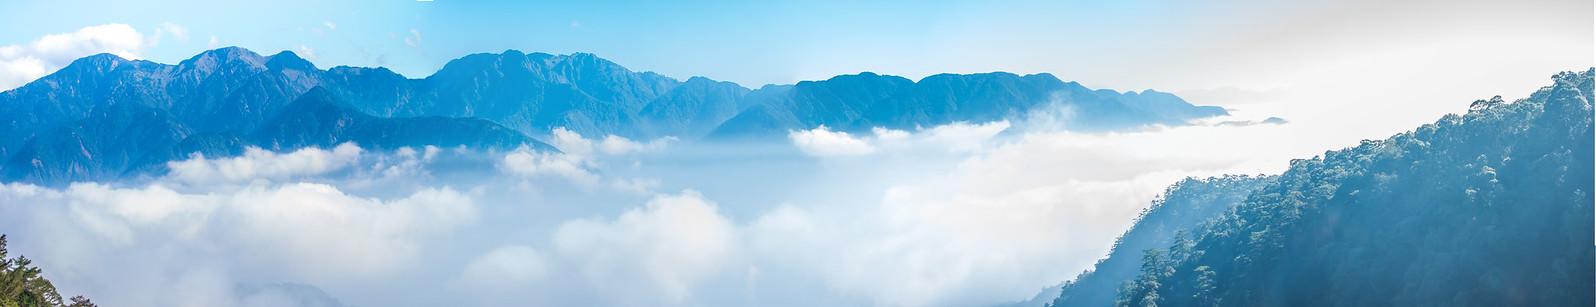 大雪山機車旅